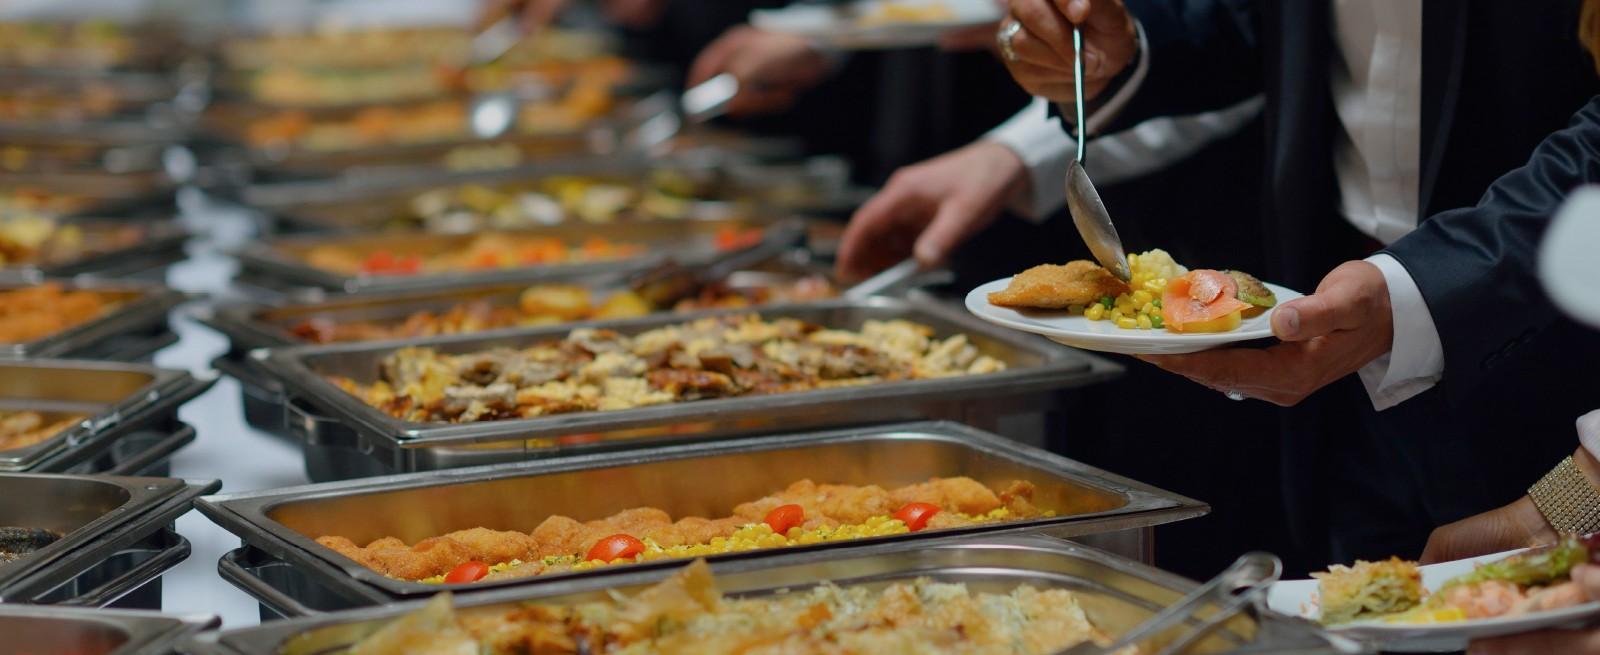 Раздача блюд в ресторане Турции